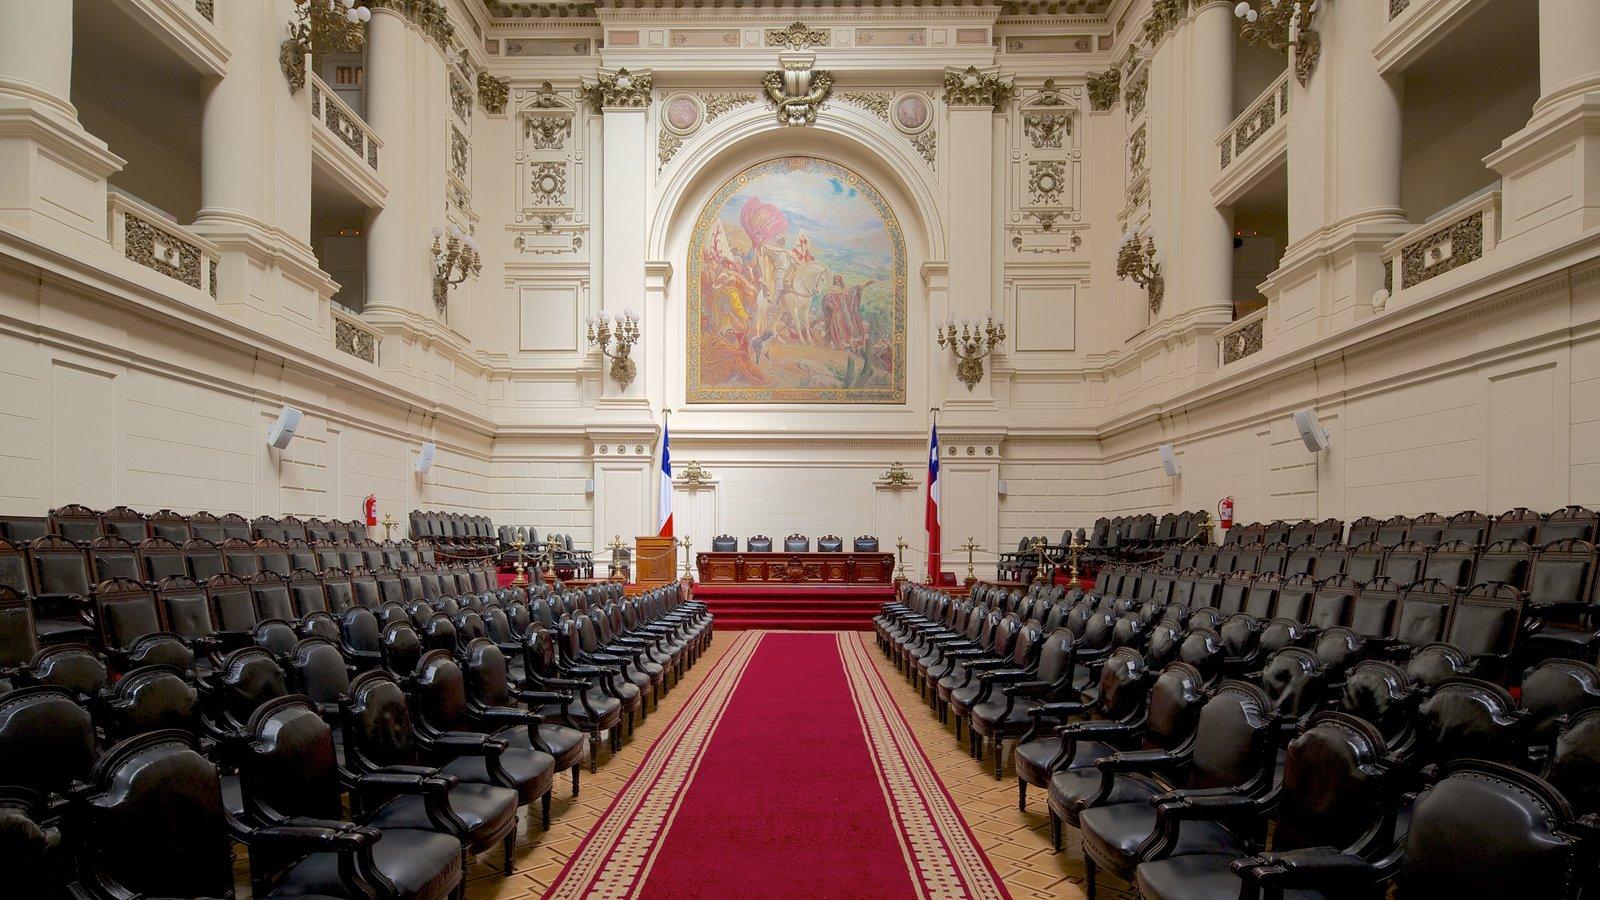 Ex-Congresso Nacional que inclui arquitetura de patrimônio, vistas internas e um edifício administrativo